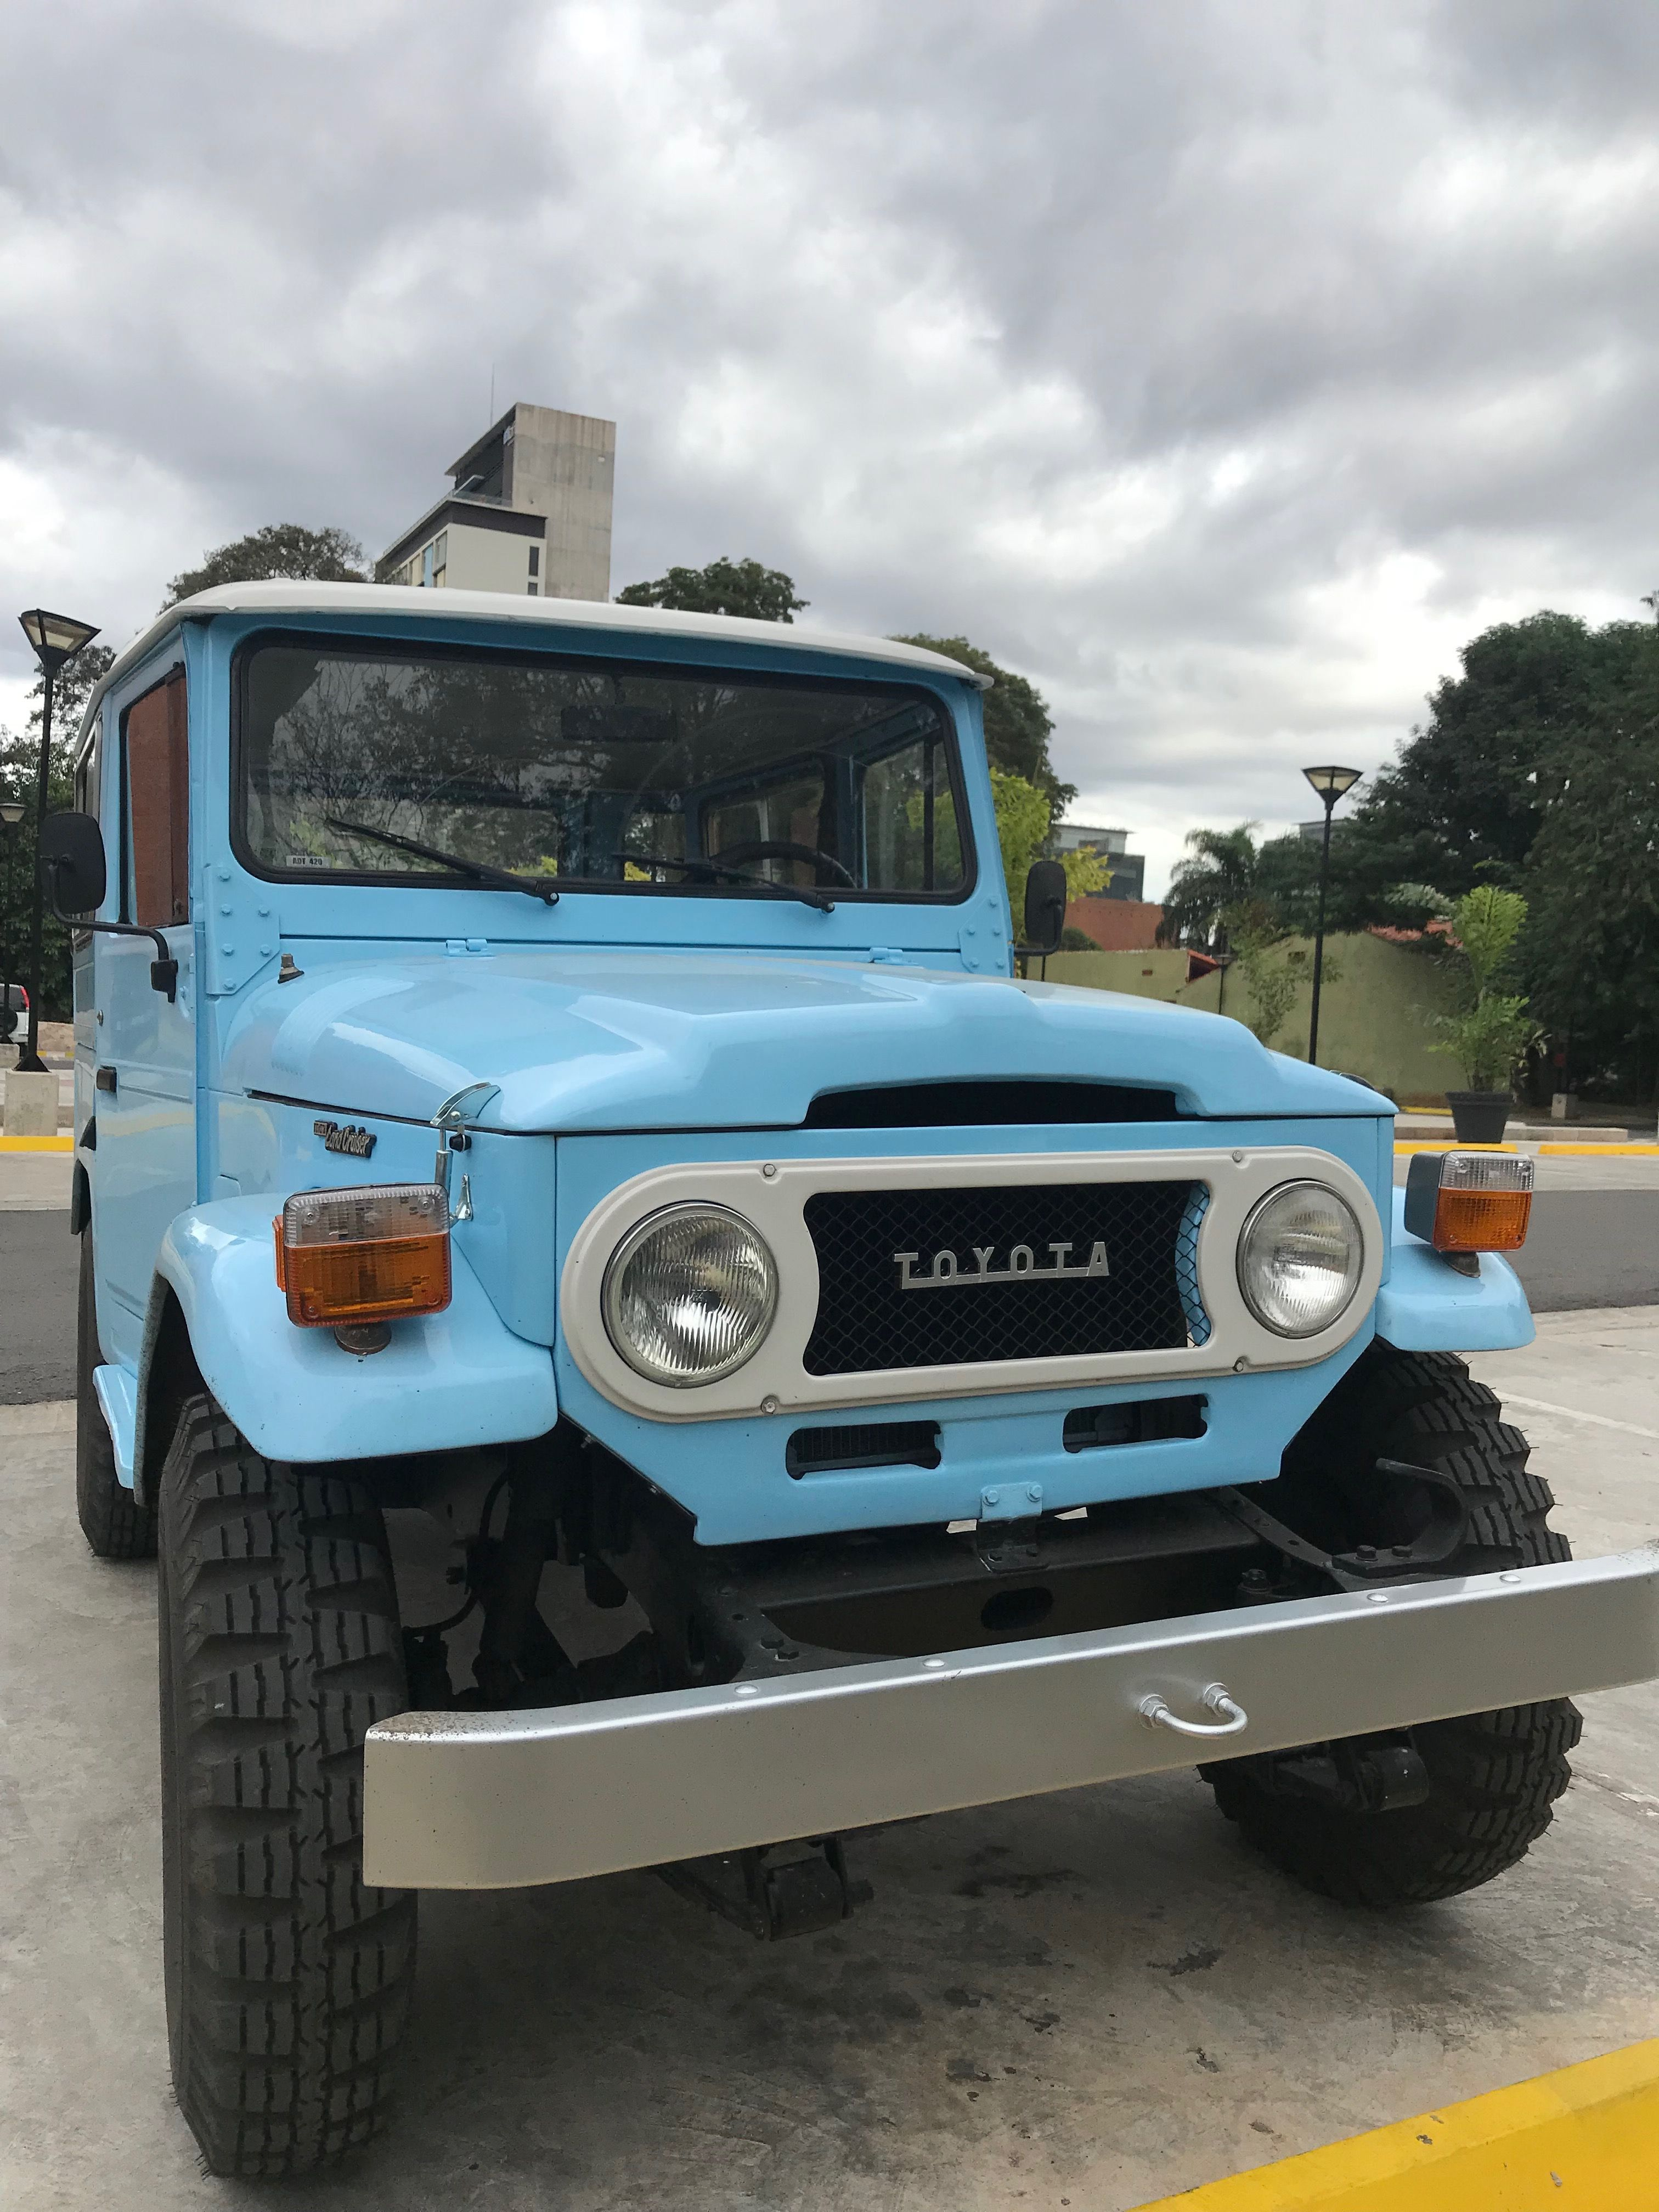 Kelebihan Kekurangan Jeep Toyota Spesifikasi